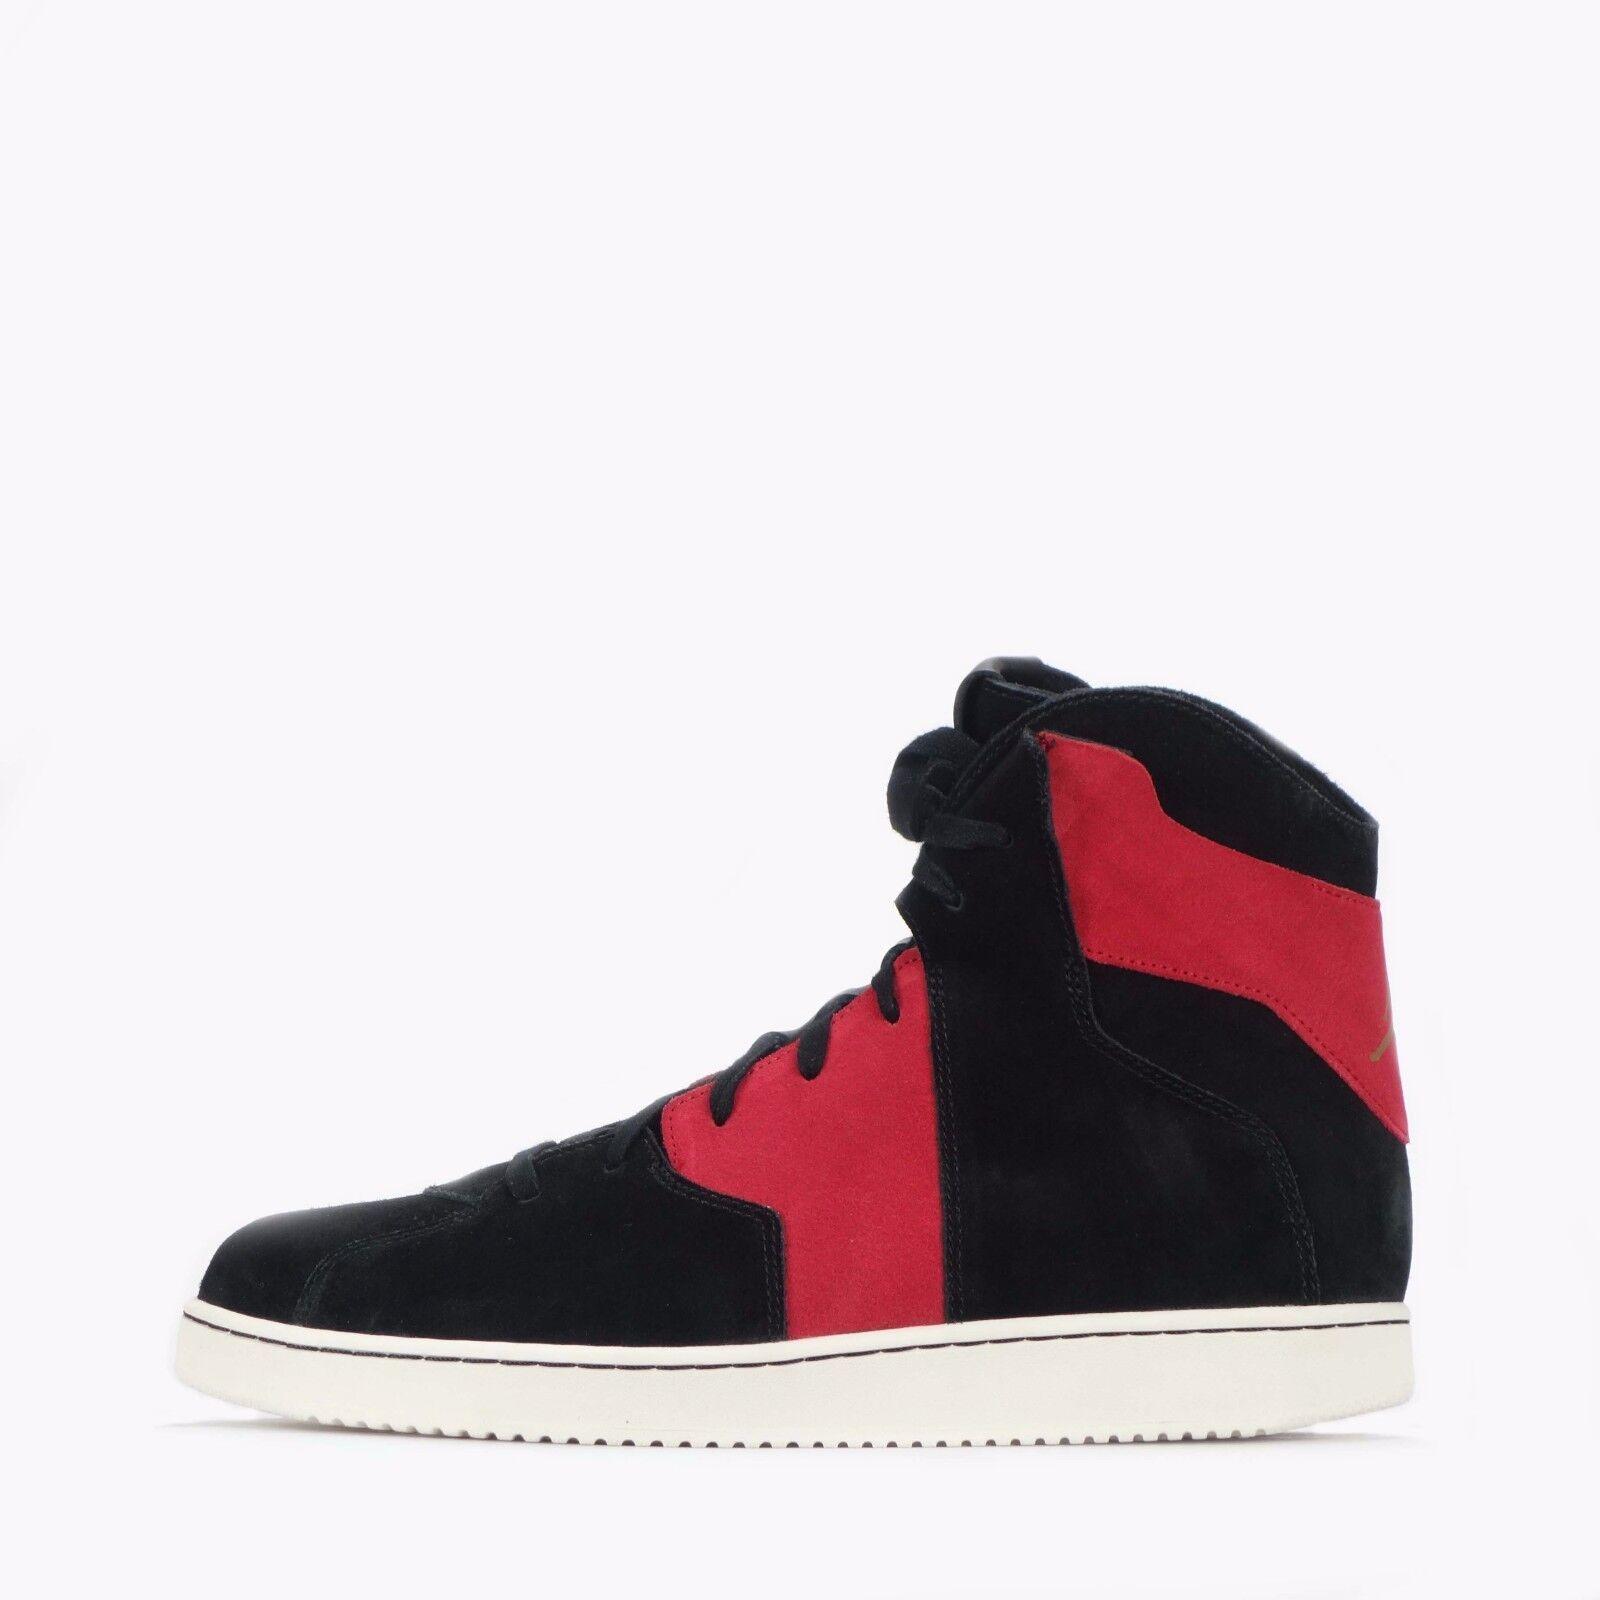 Nike Jordan Westbrook 0.2 Herren Hi Top Schuhe schwarz/rot